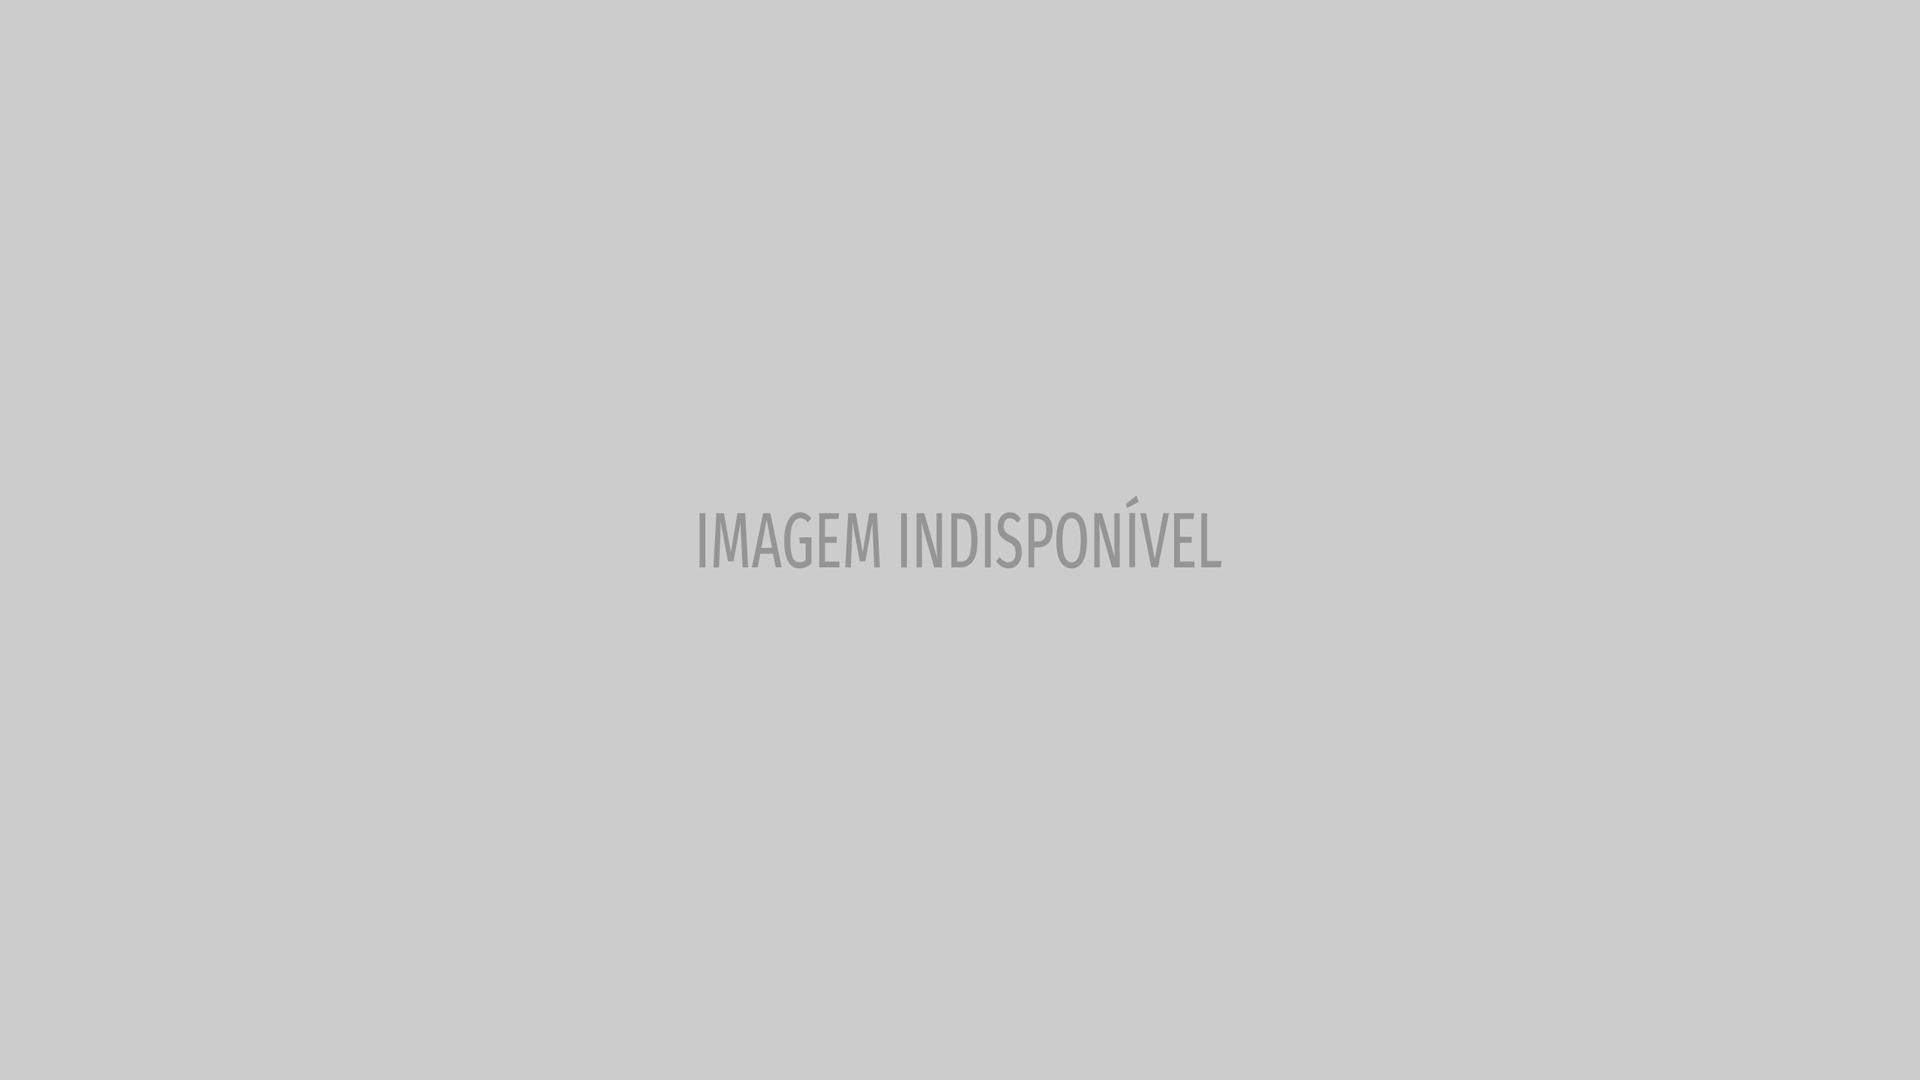 Mãe de 3 filhos, Megan Fox posta foto com lingerie de tirar o fôlego